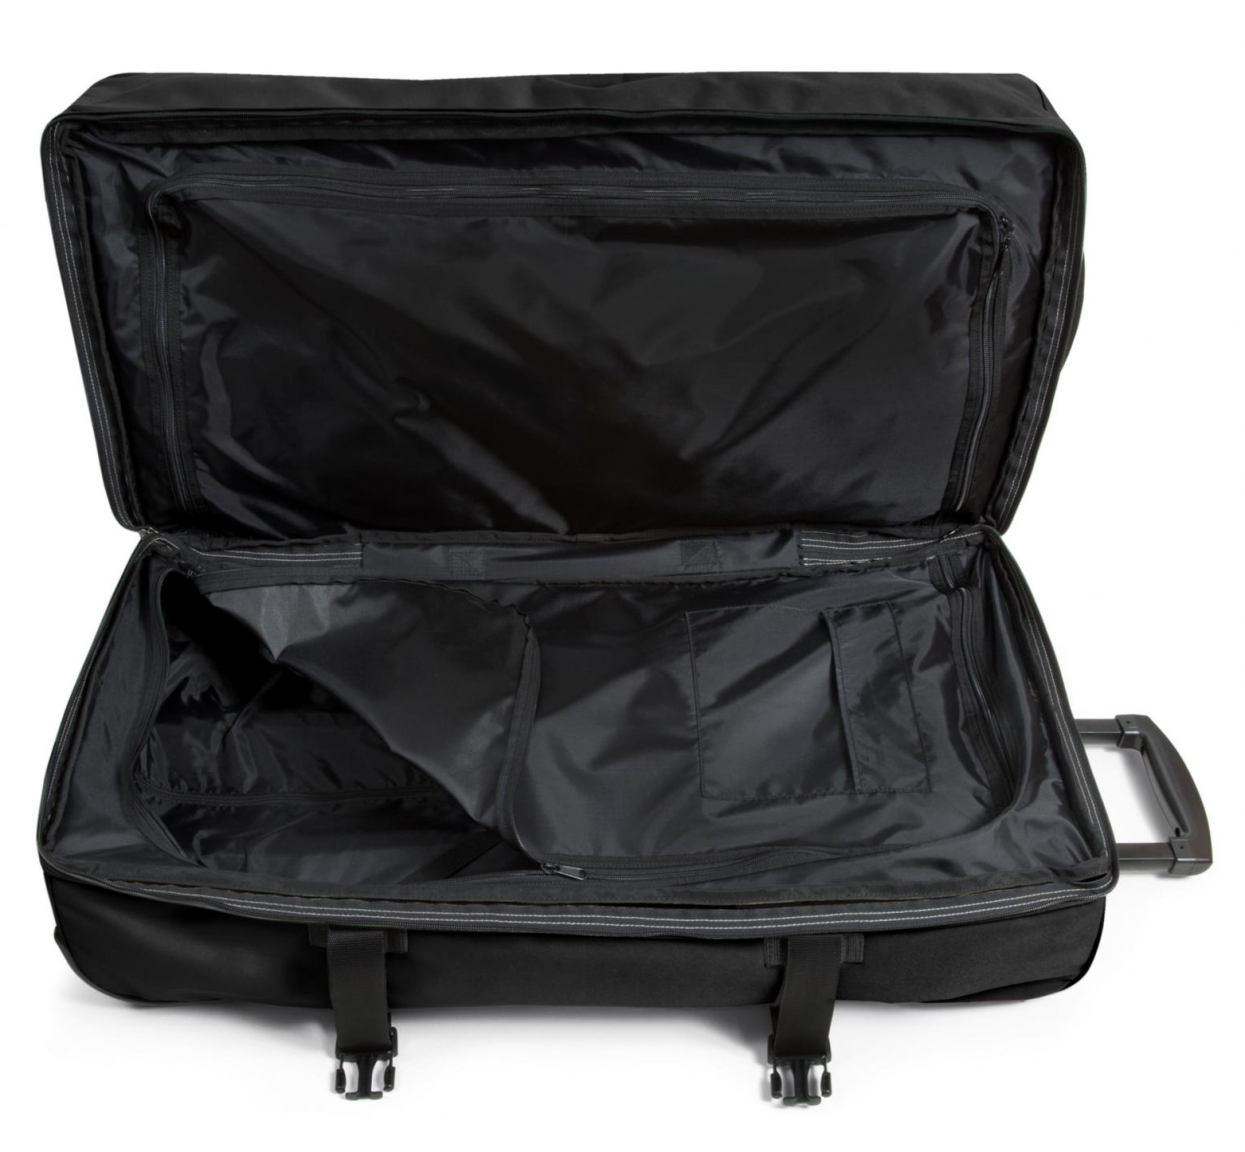 Eastpak Tranverz M Rolletasche beidsietig zu packen schwarz